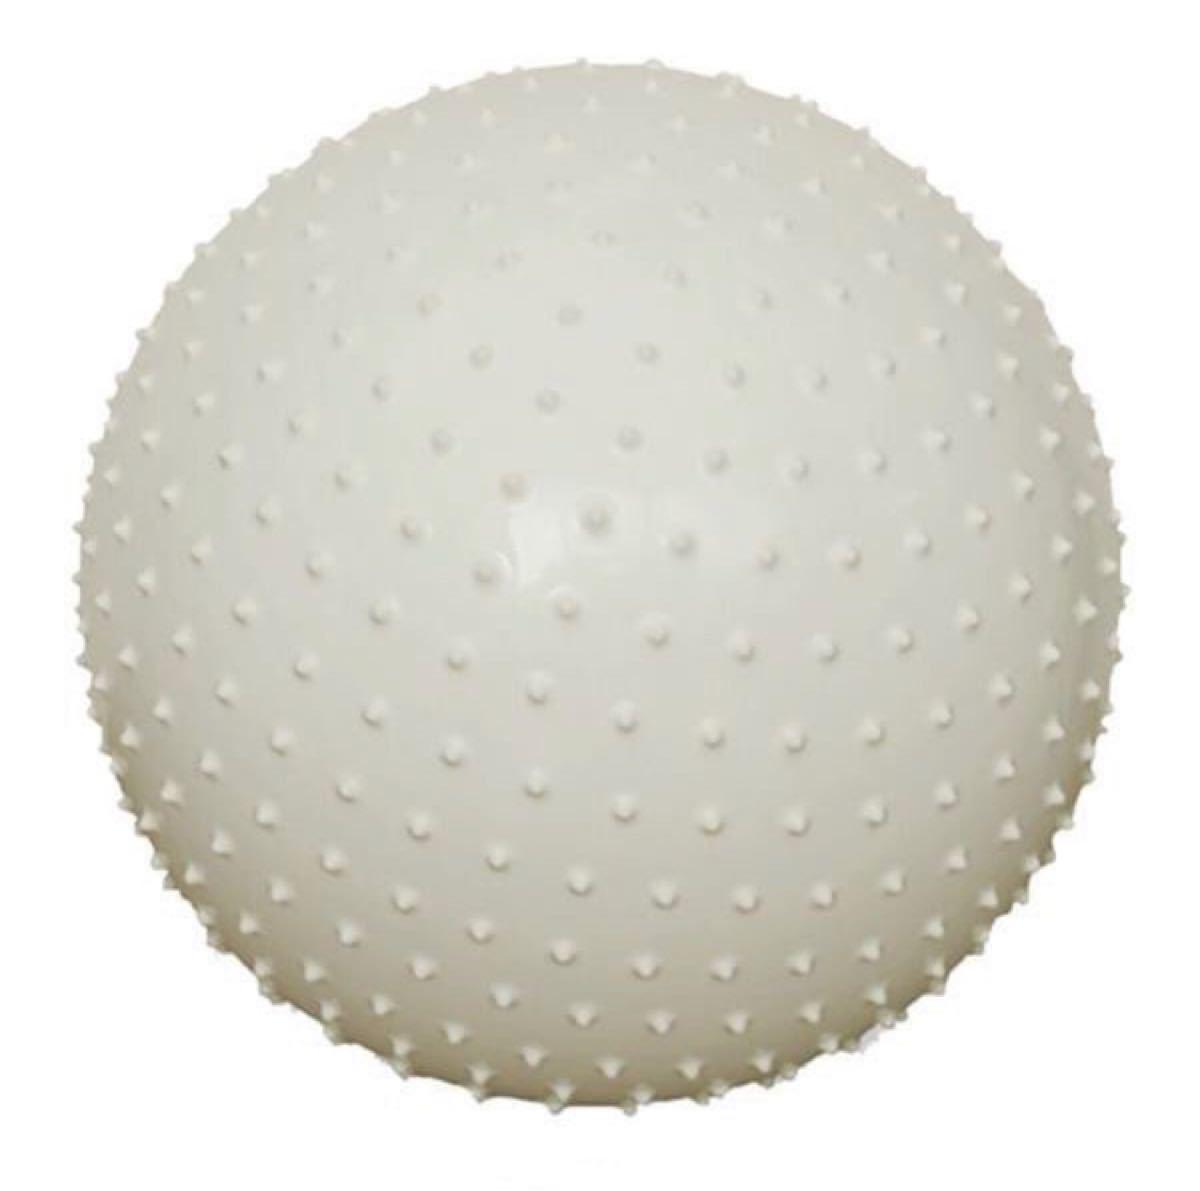 バランスボール 表面突起 マッサージ効果 シルバー